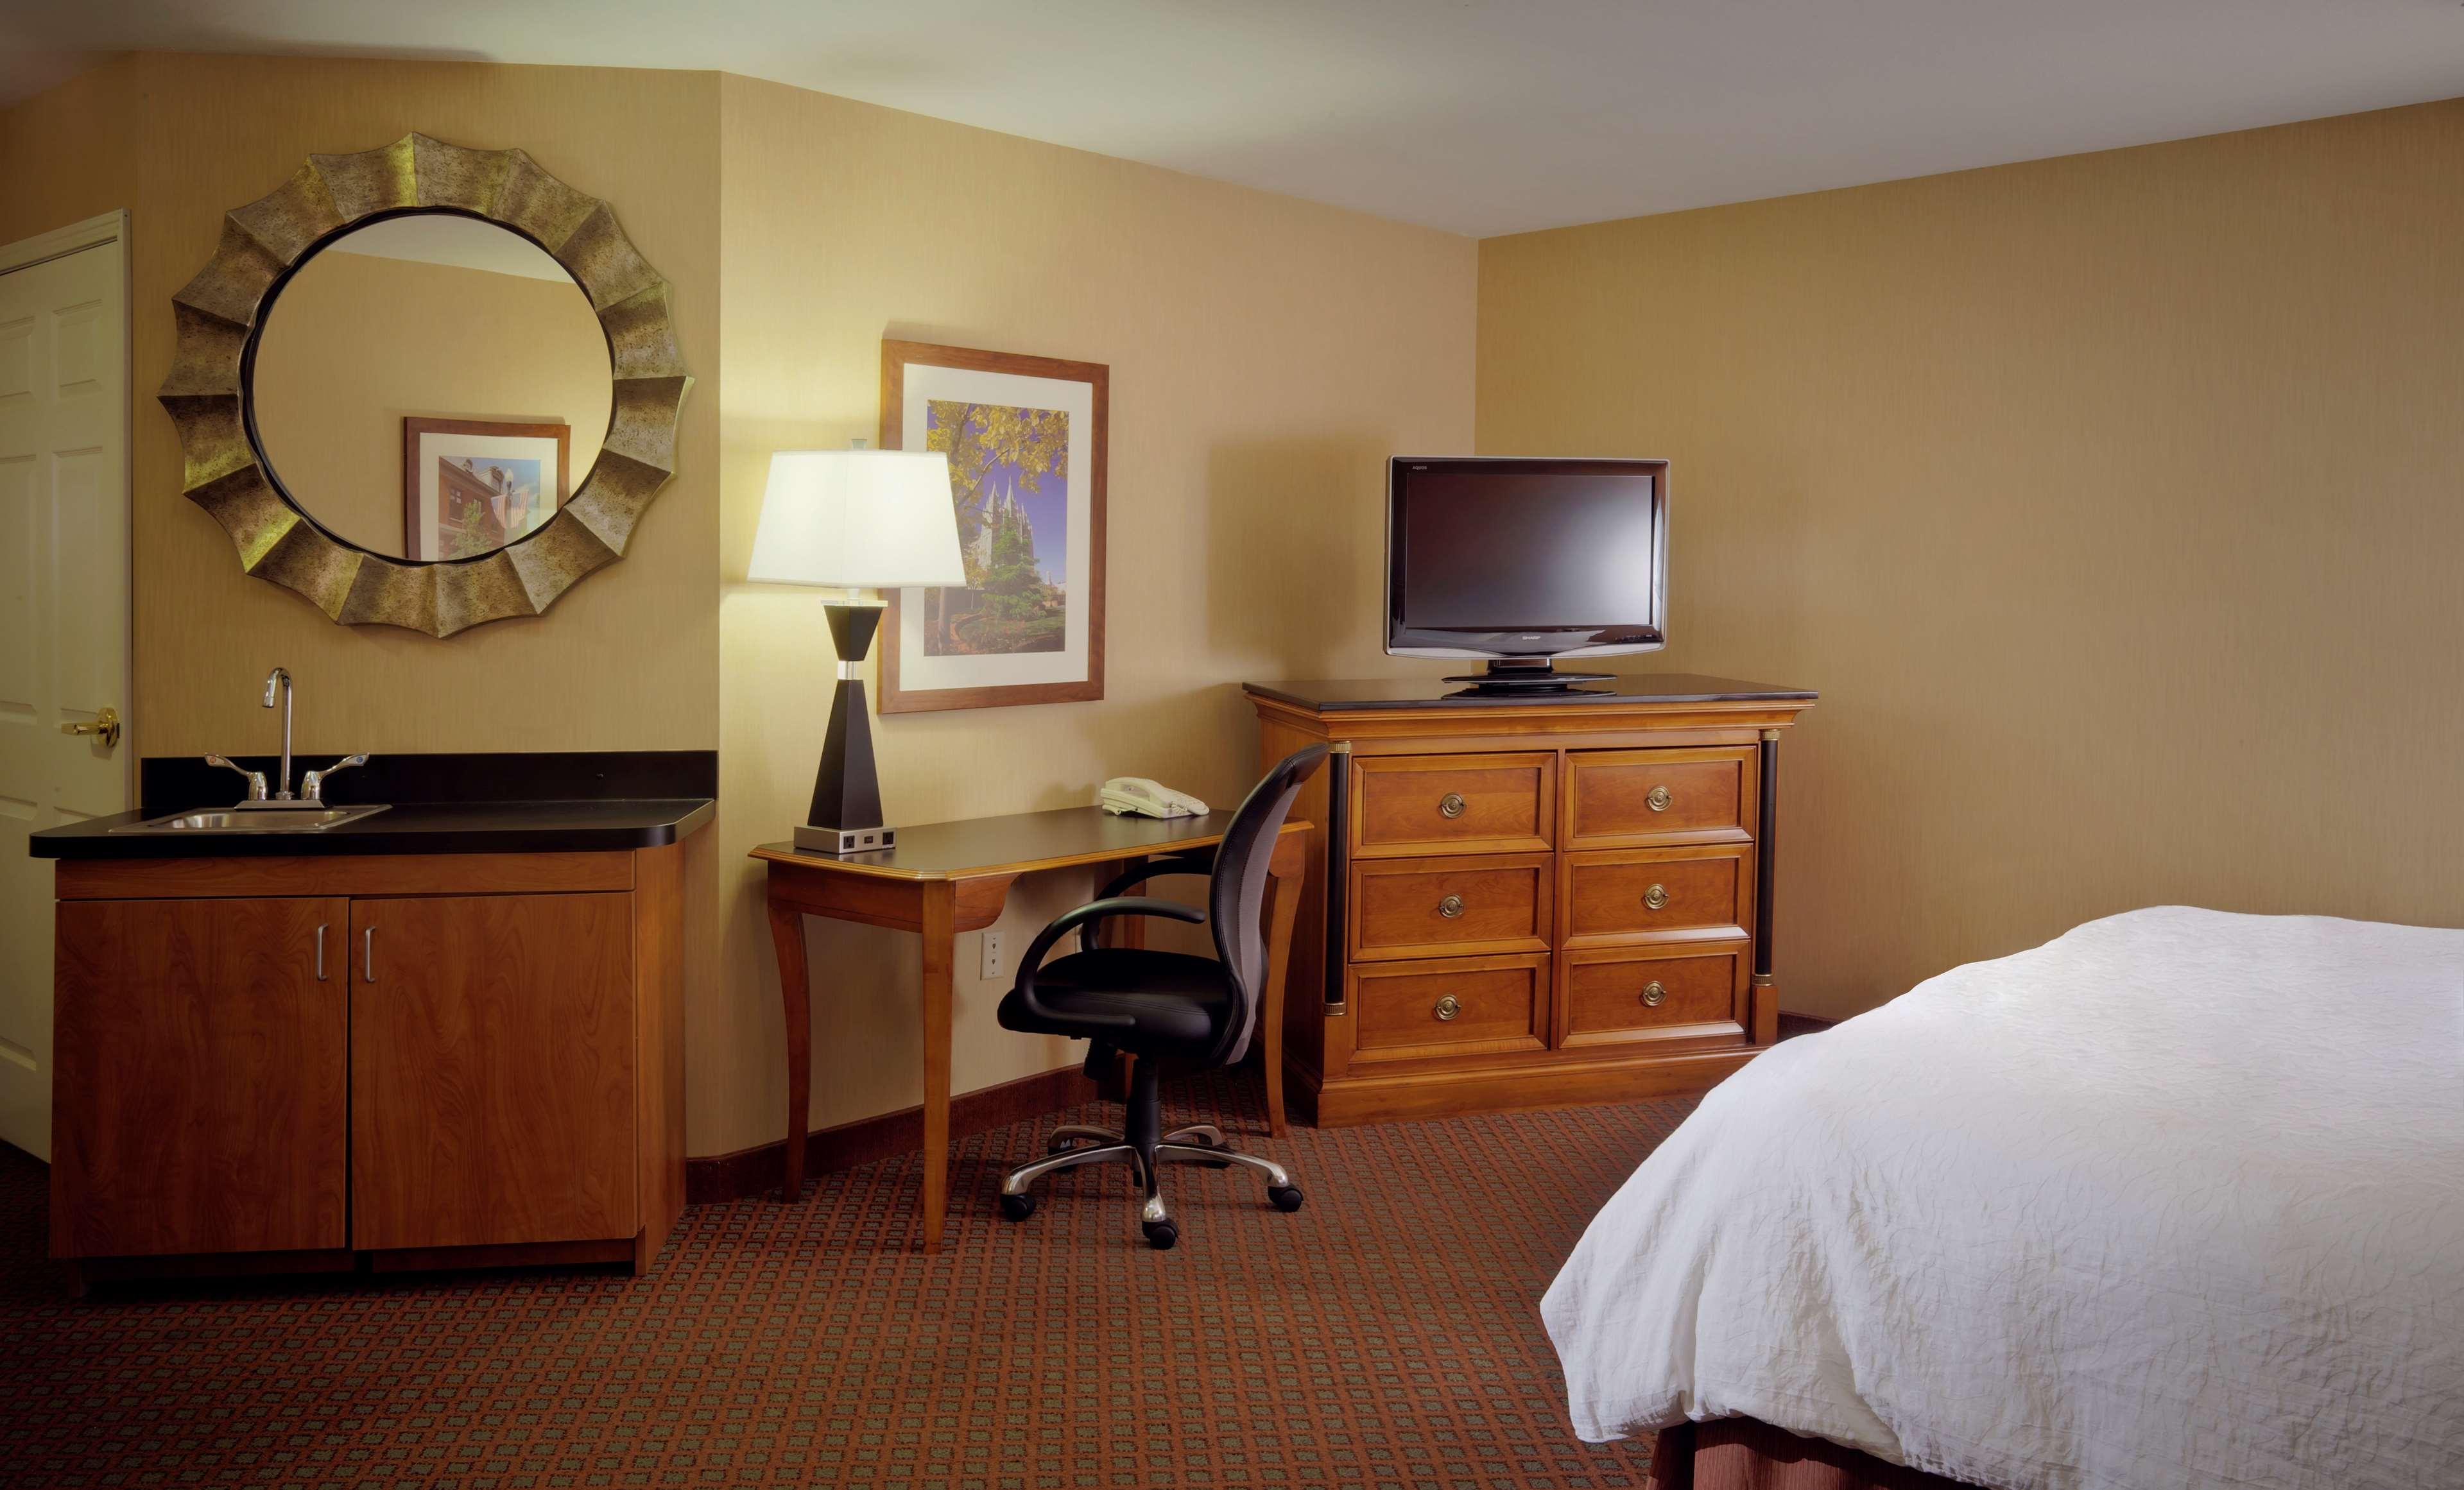 Hampton Inn & Suites Salt Lake City Airport image 14